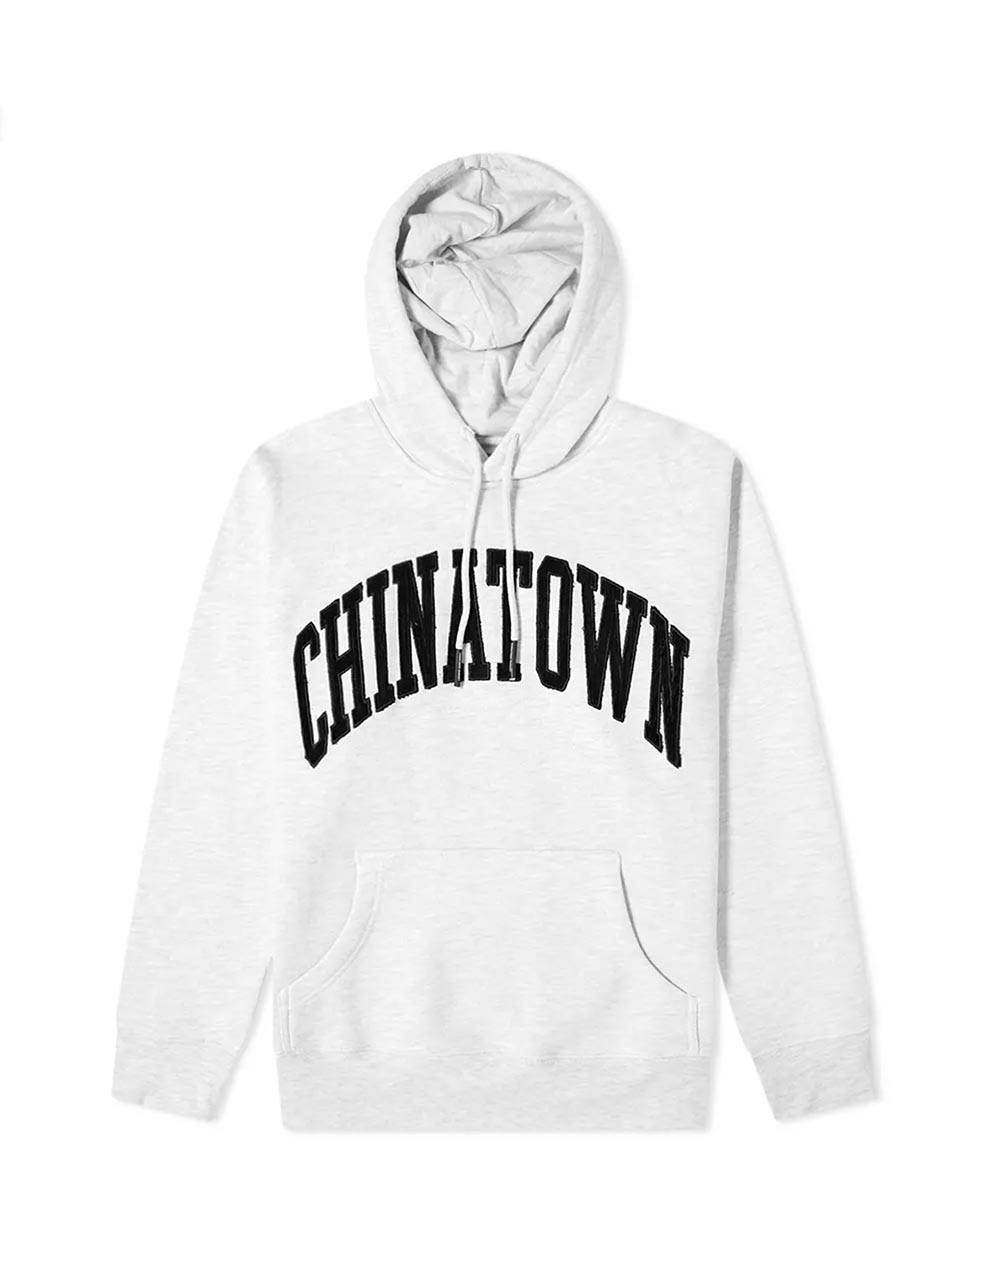 ChinaTown Market Corduroy arch hoodie - grey melange Chinatown Market Sweater 105,74€